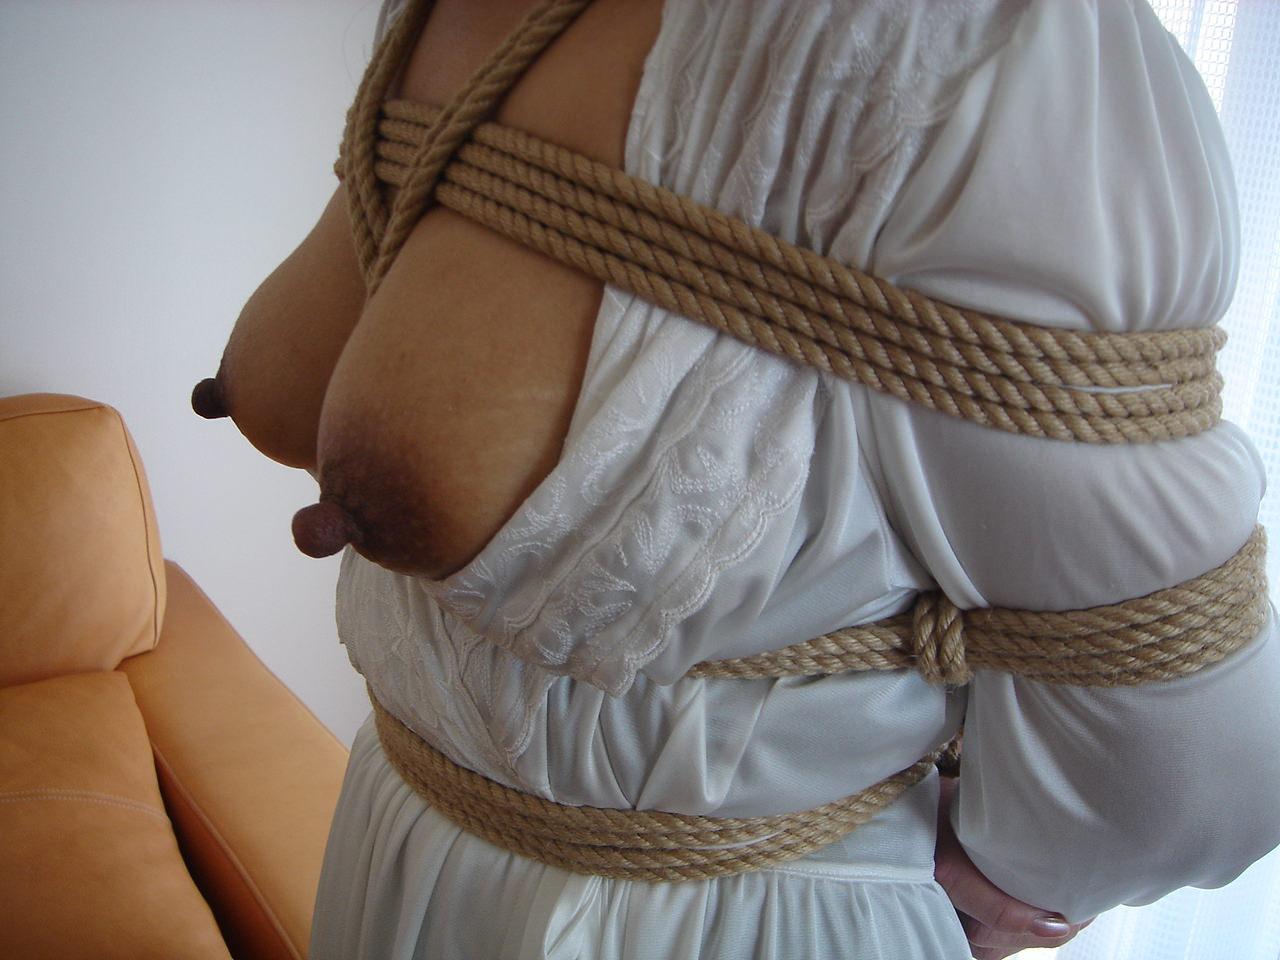 素人の嫁が浮気相手に緊縛されててワロタwwwwwエロ画像 390